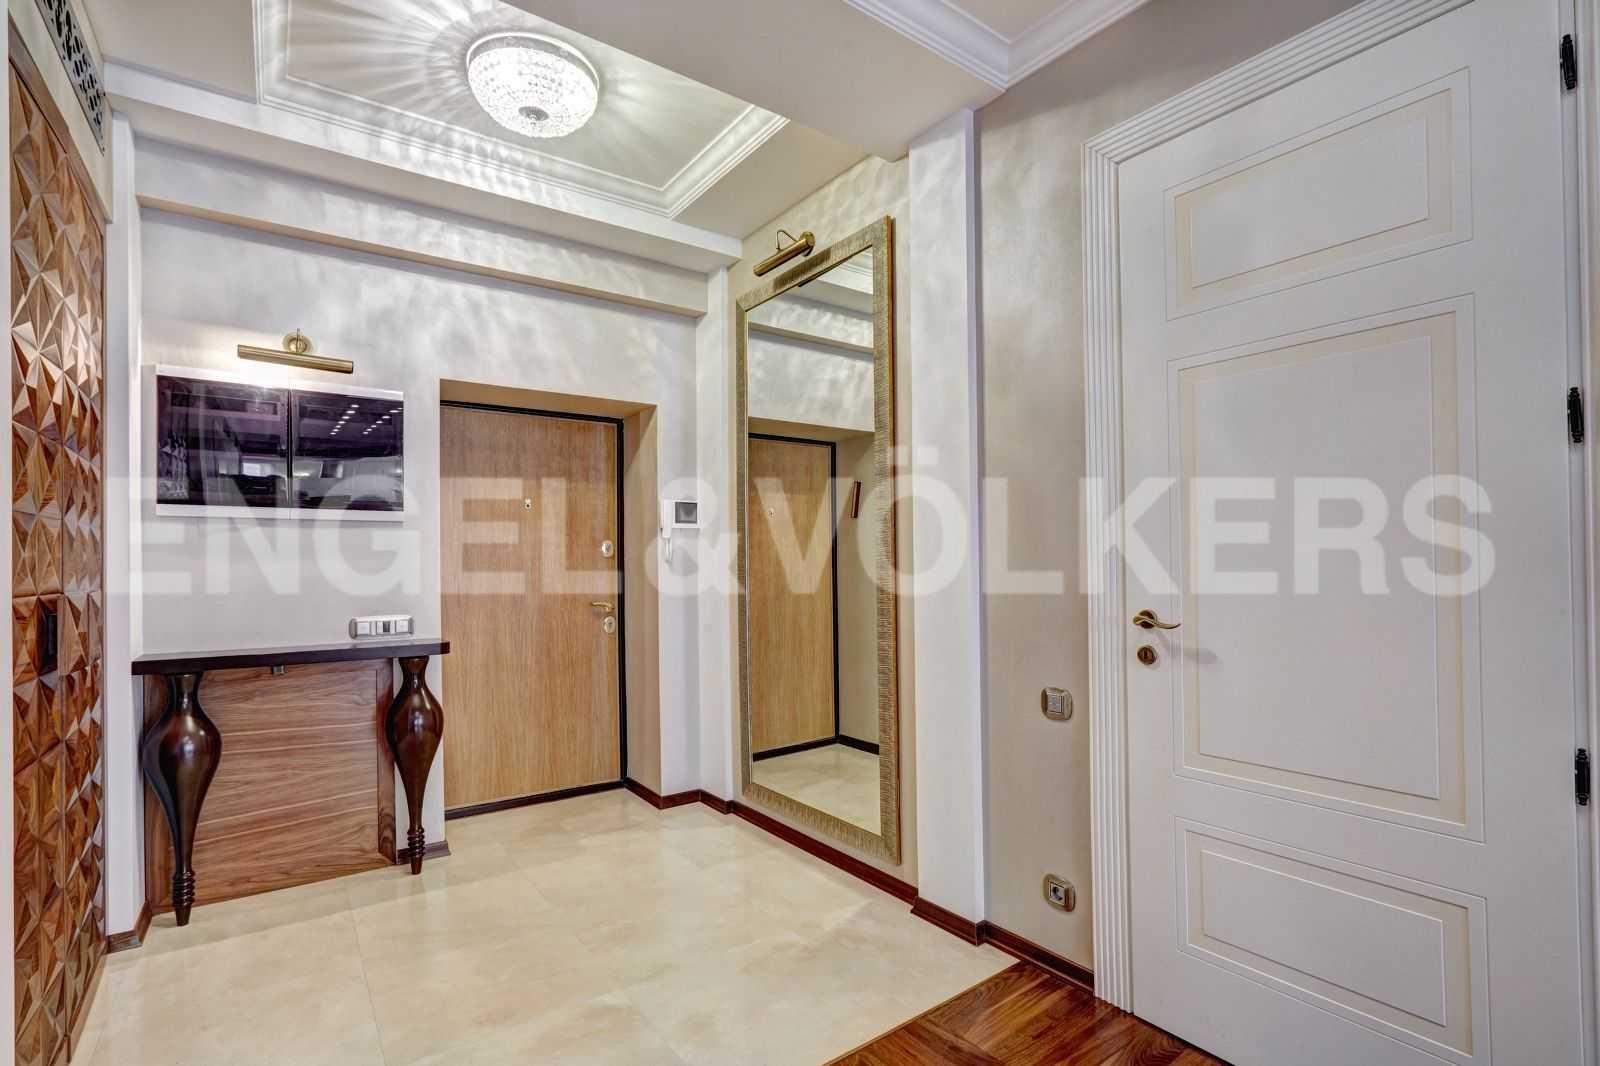 Элитные квартиры в Центральном районе. Санкт-Петербург, Тверская, 1А. Холл-прихожая